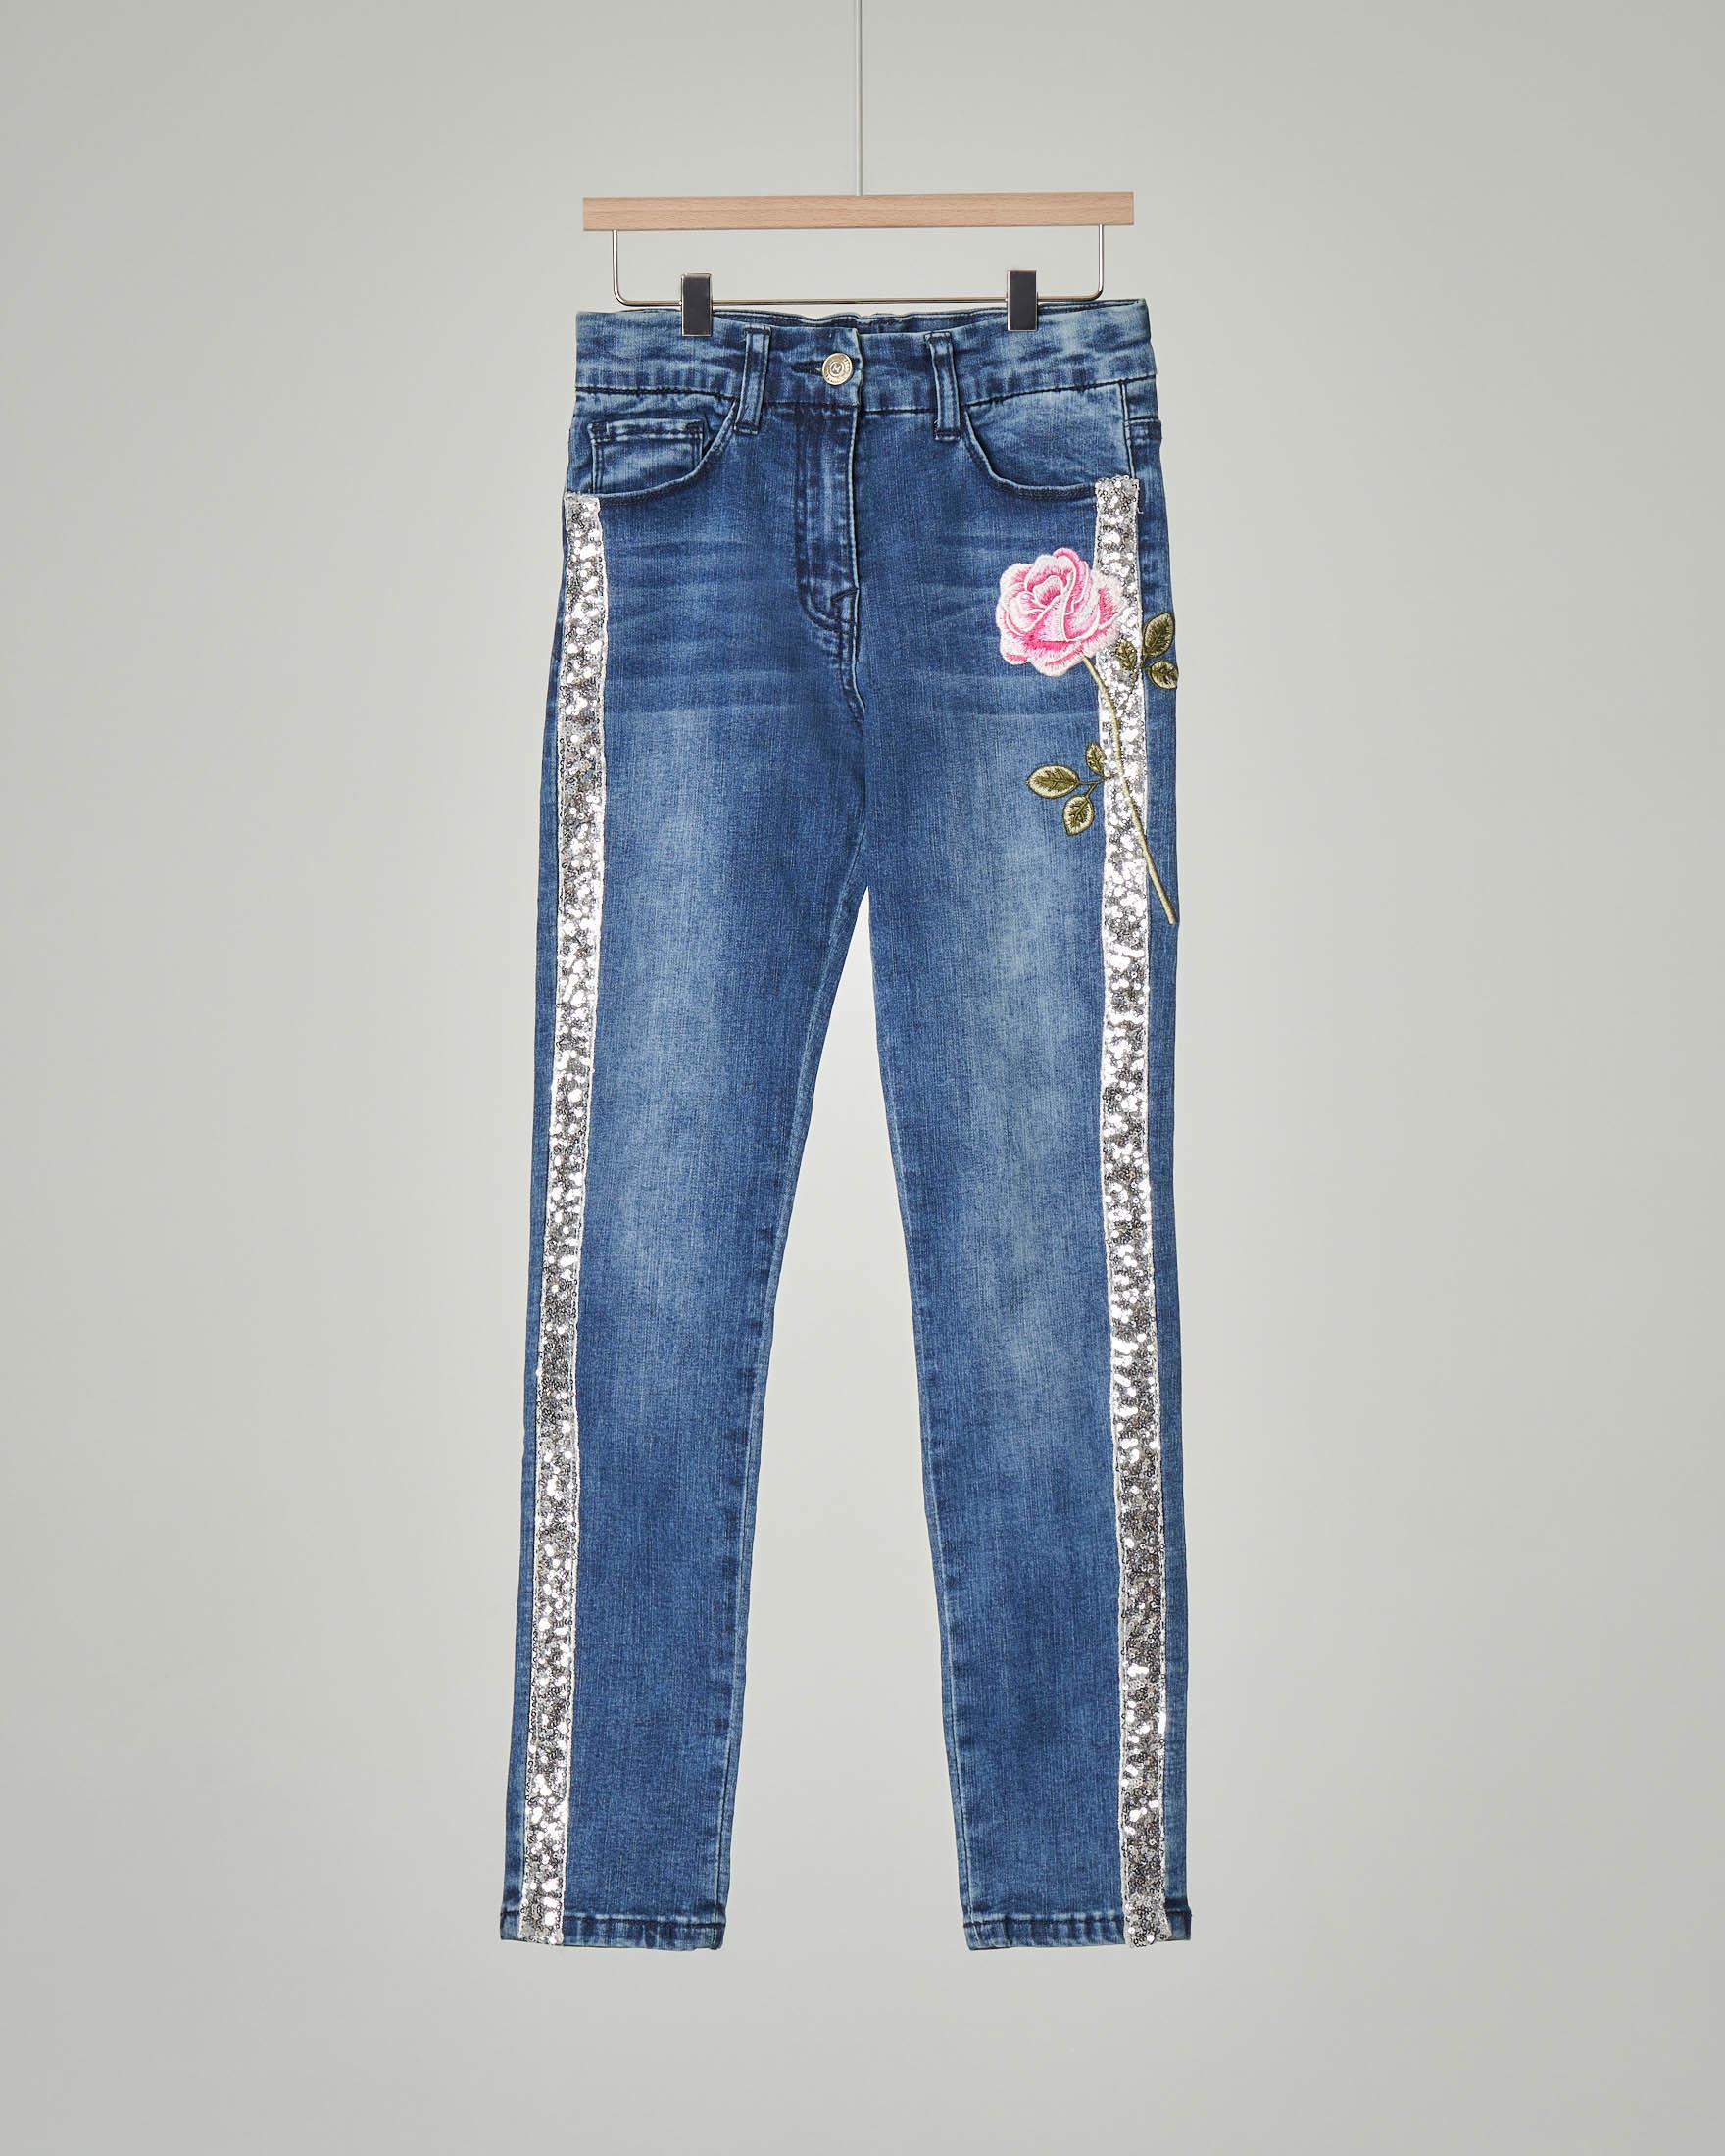 Jeans con bande in paillettes e rosa ricamata